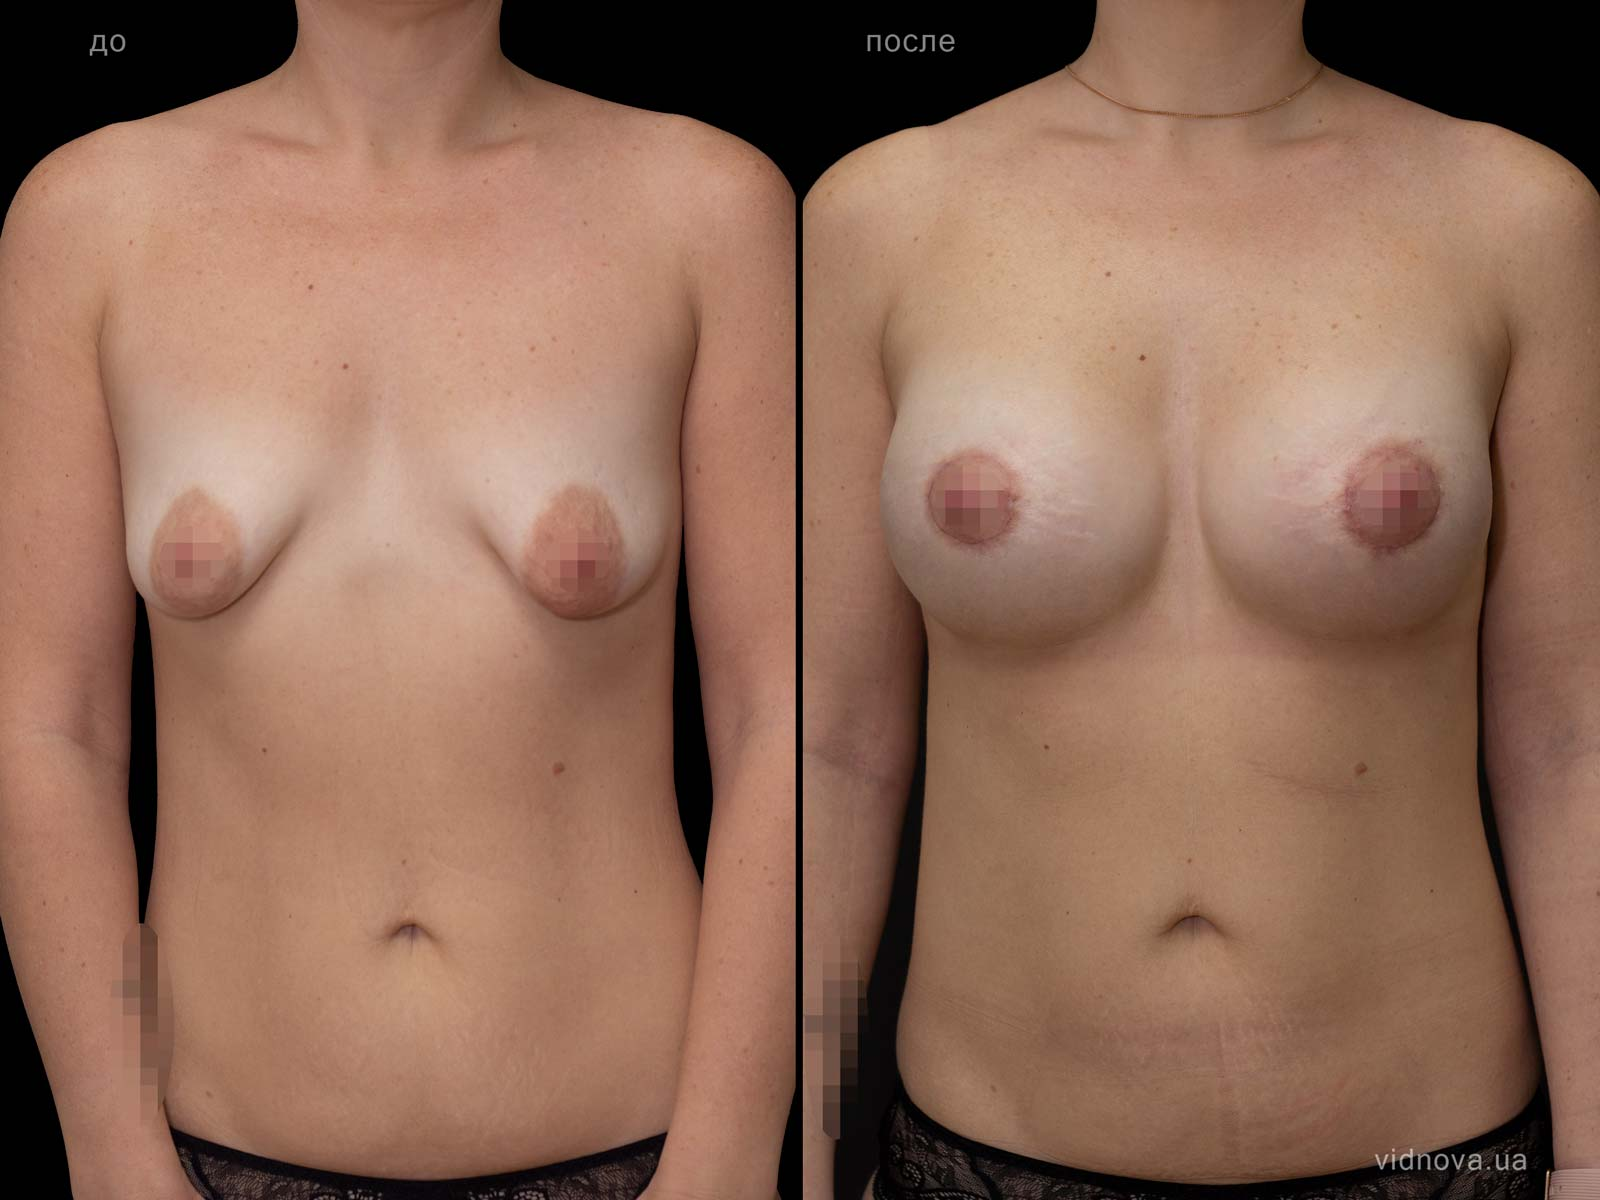 Пластика груди: результаты до и после - Пример №78-0 - Светлана Работенко